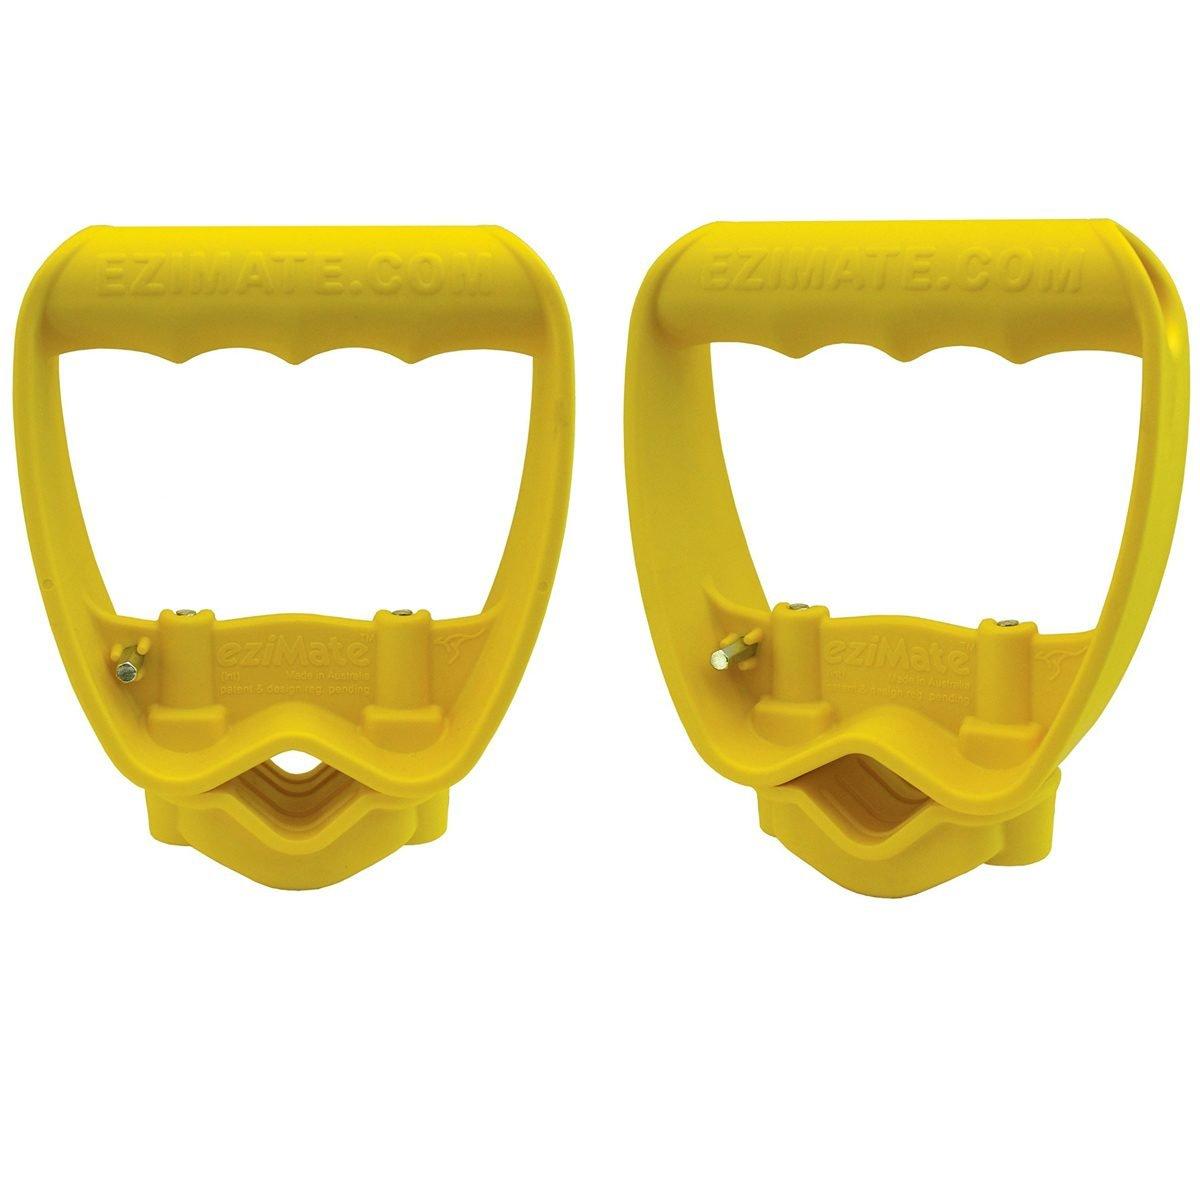 handle attachment for shovel